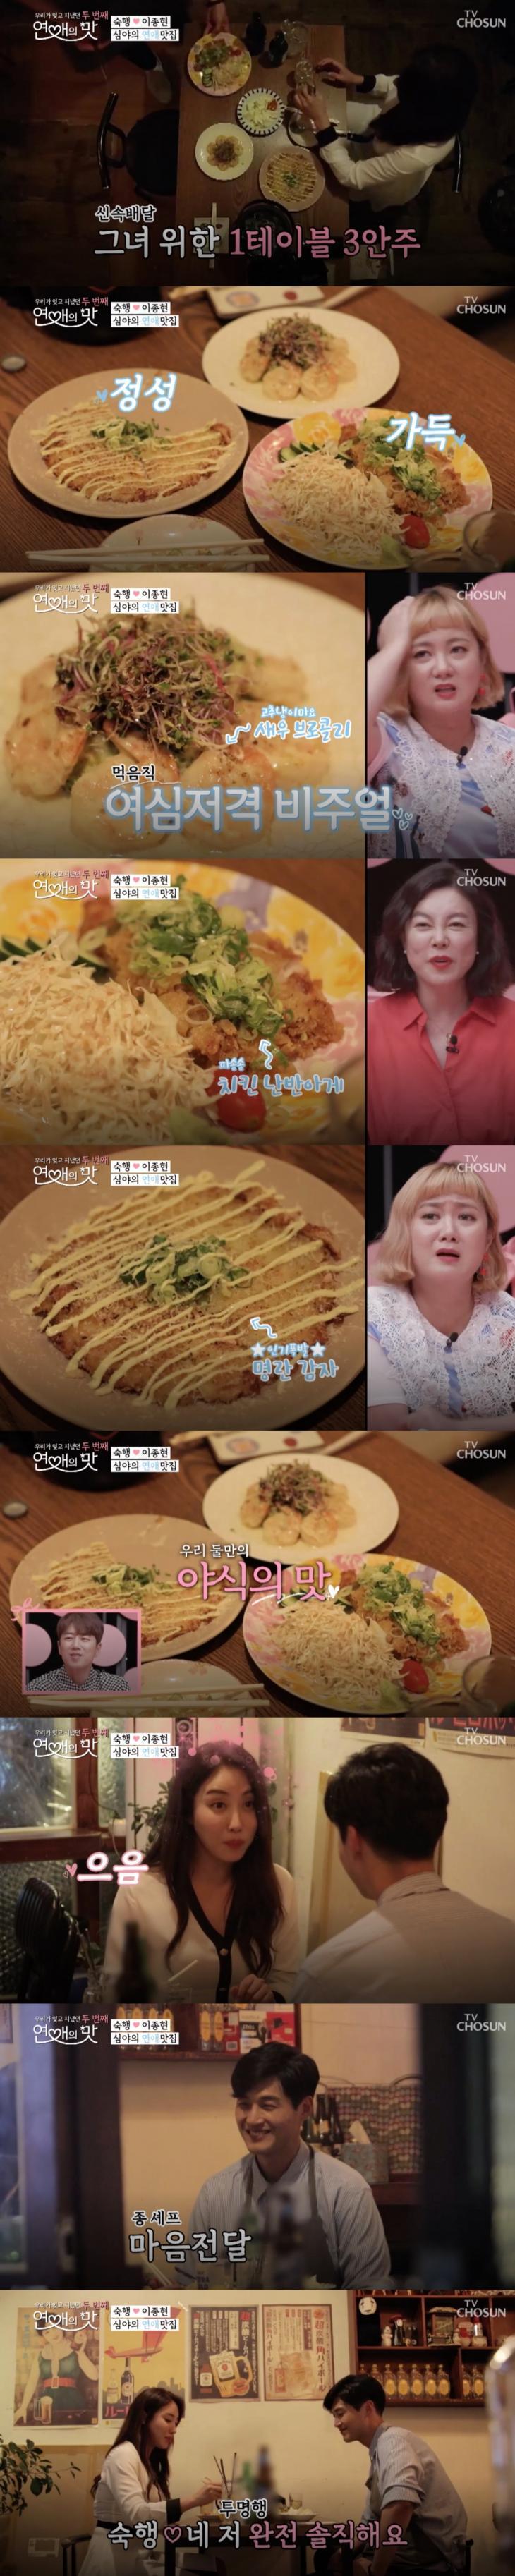 TV조선 '우리가 잊고 지냈던 두 번째: 연애의 맛' 방송 캡처